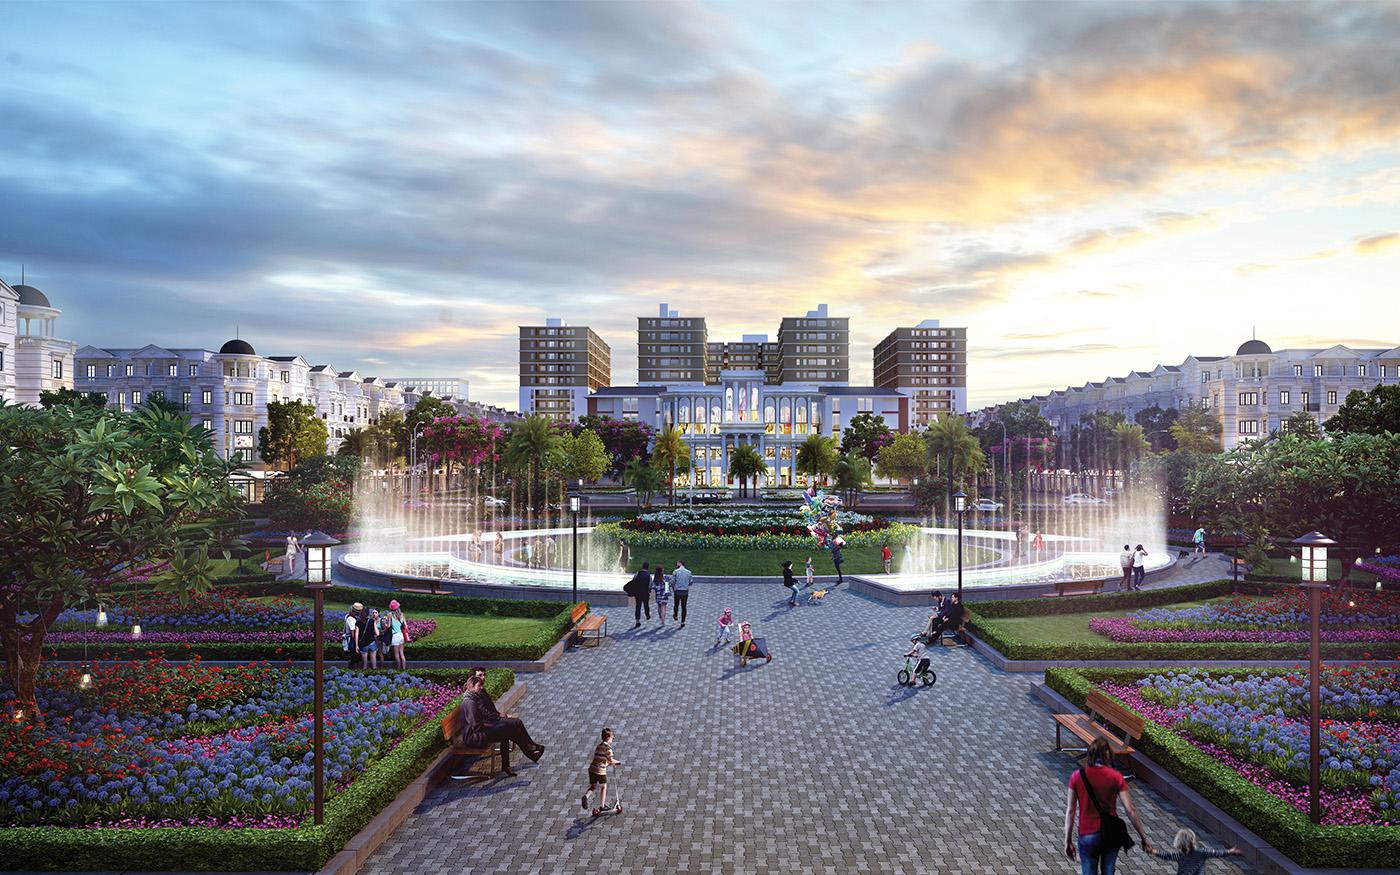 Tiện ích khu công viên trung tâm